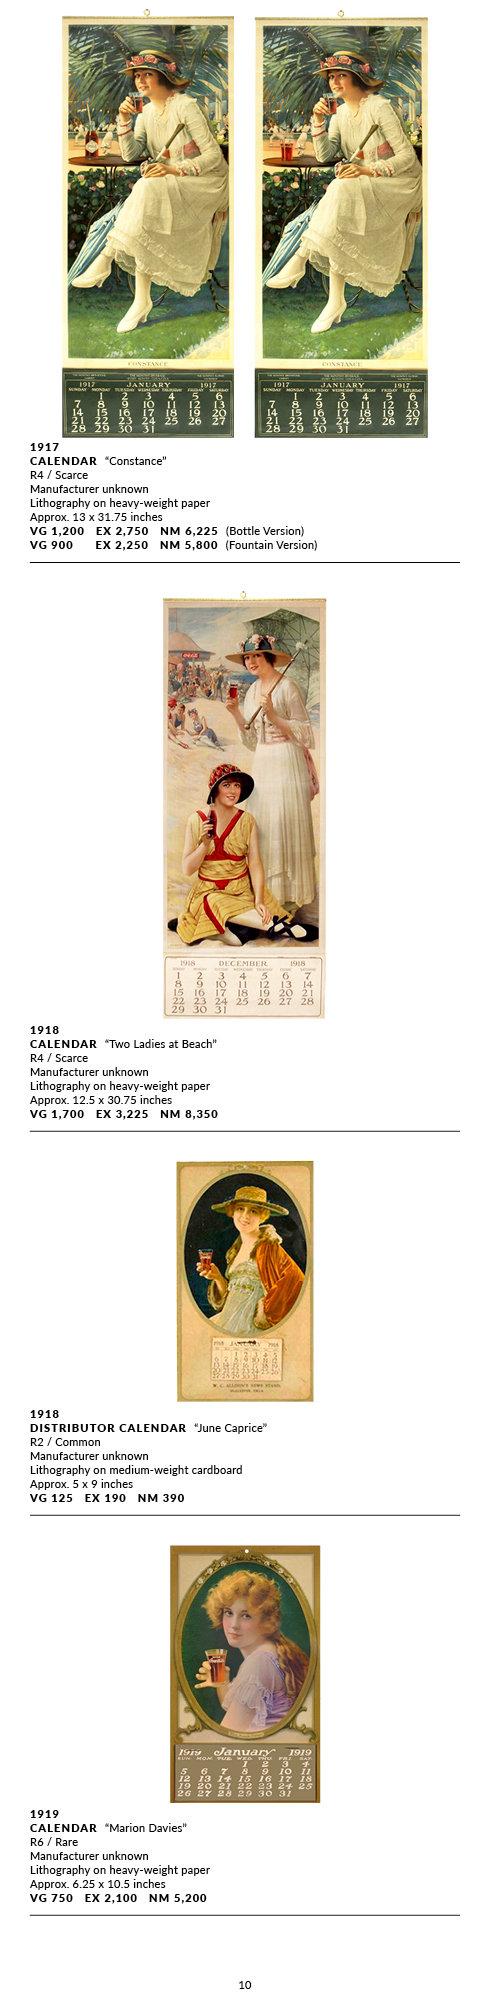 Calendars_1890-1929_(1921)10.jpg